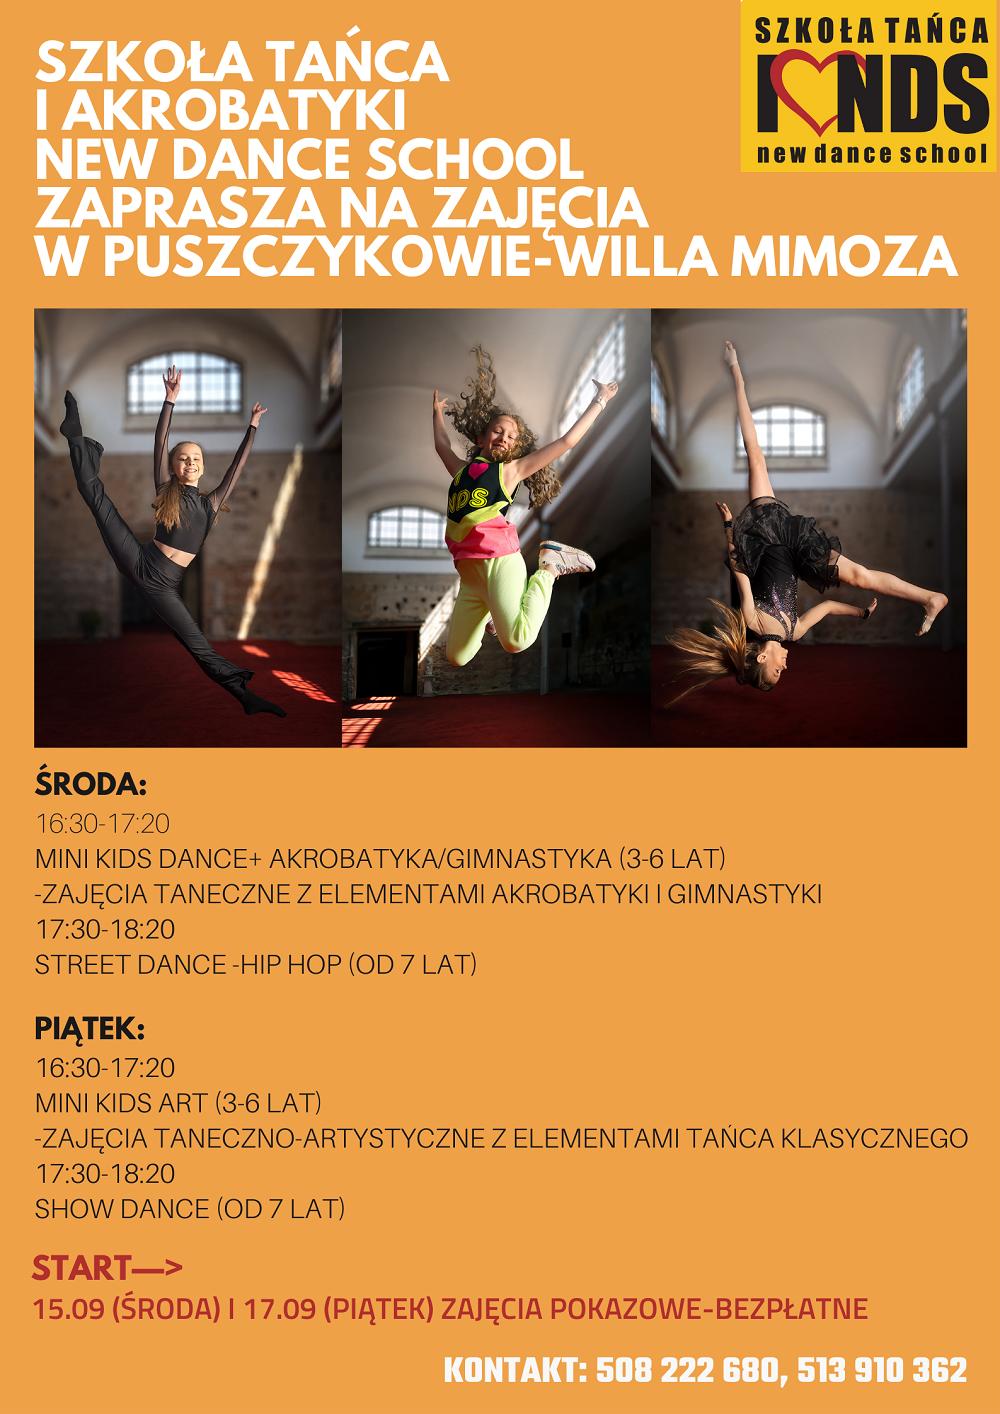 Plakat reklamujący zajęcia taneczne dla dzieci.